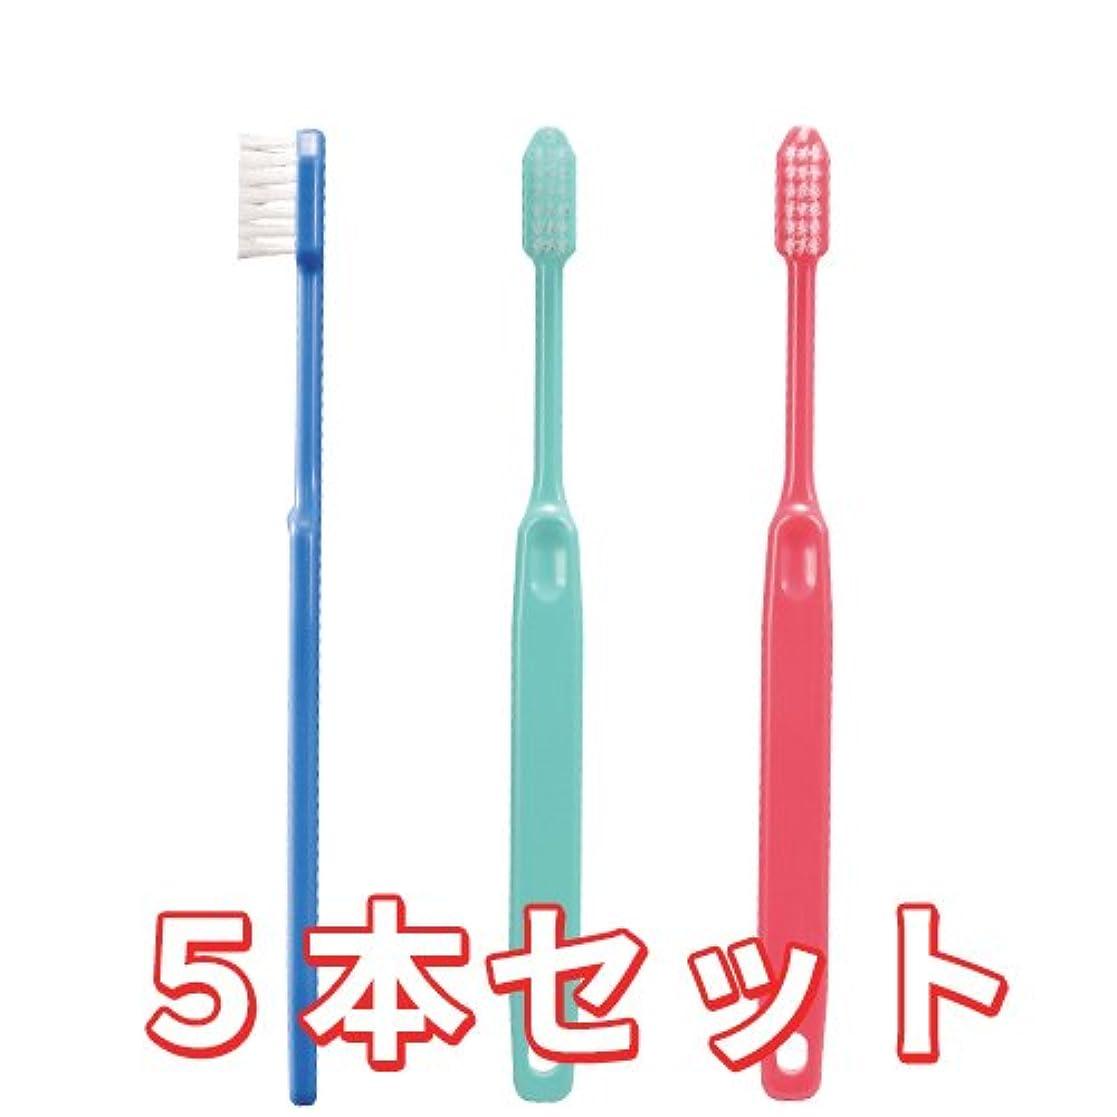 間接的まとめる申請者Ciメディカル 歯ブラシ コンパクトヘッド 疎毛タイプ アソート 5本 (Ci25(やわらかめ))